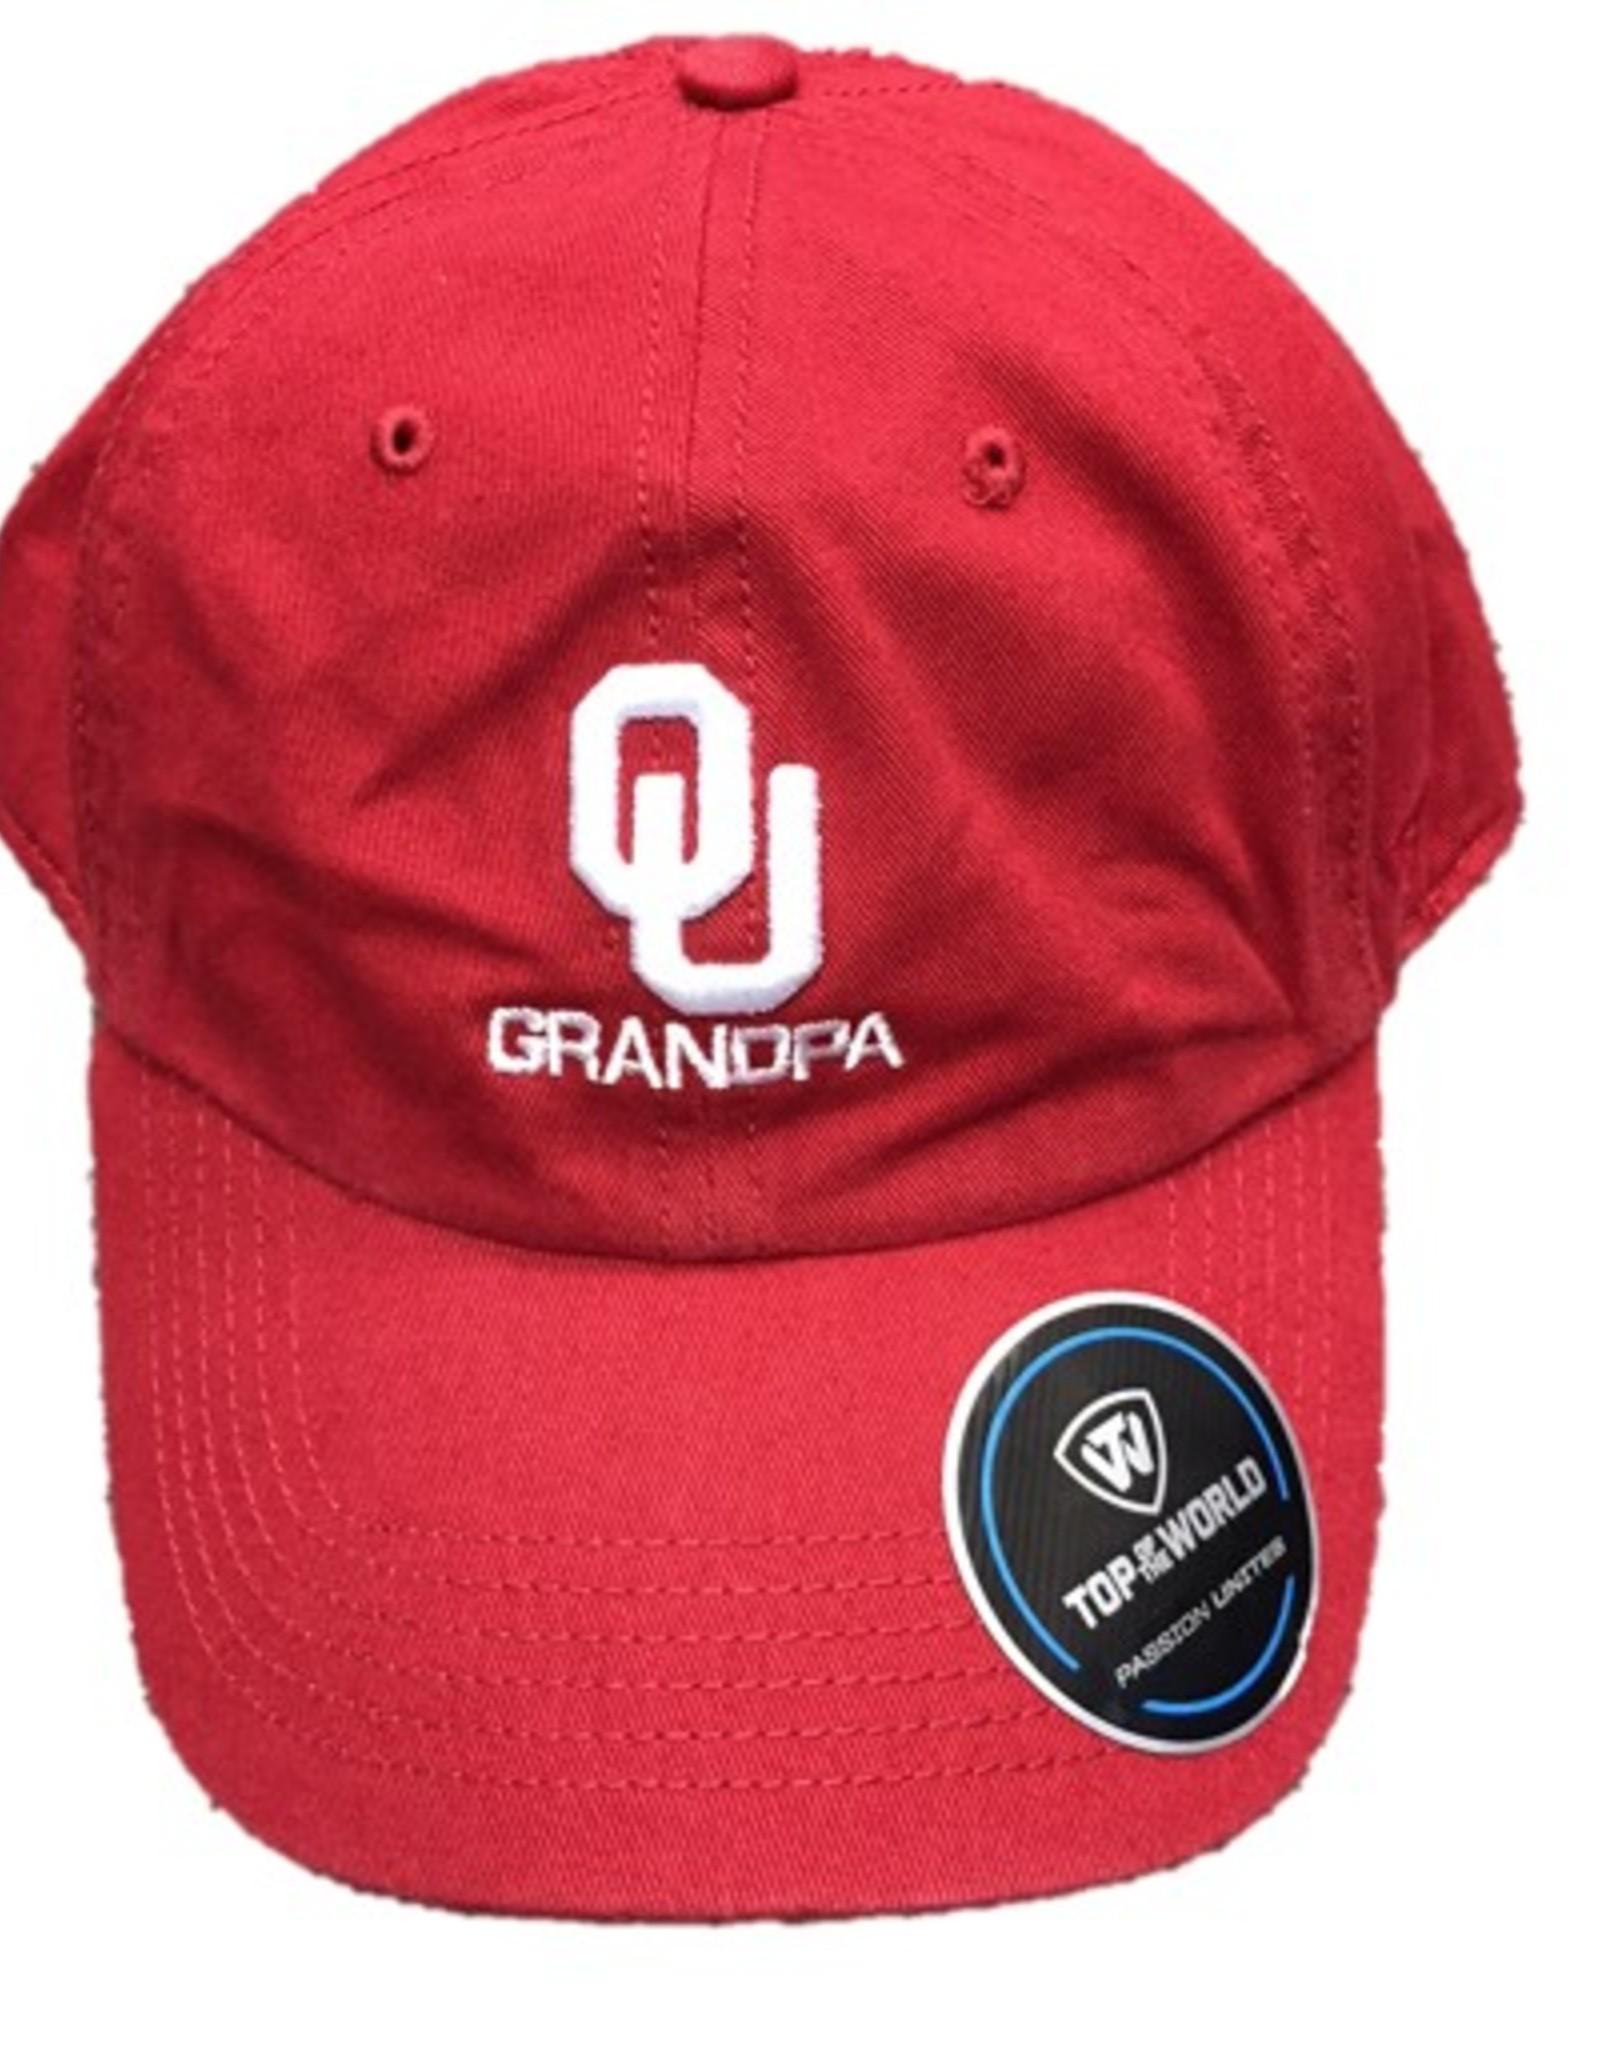 TOW Adjustable Grandpa Cap